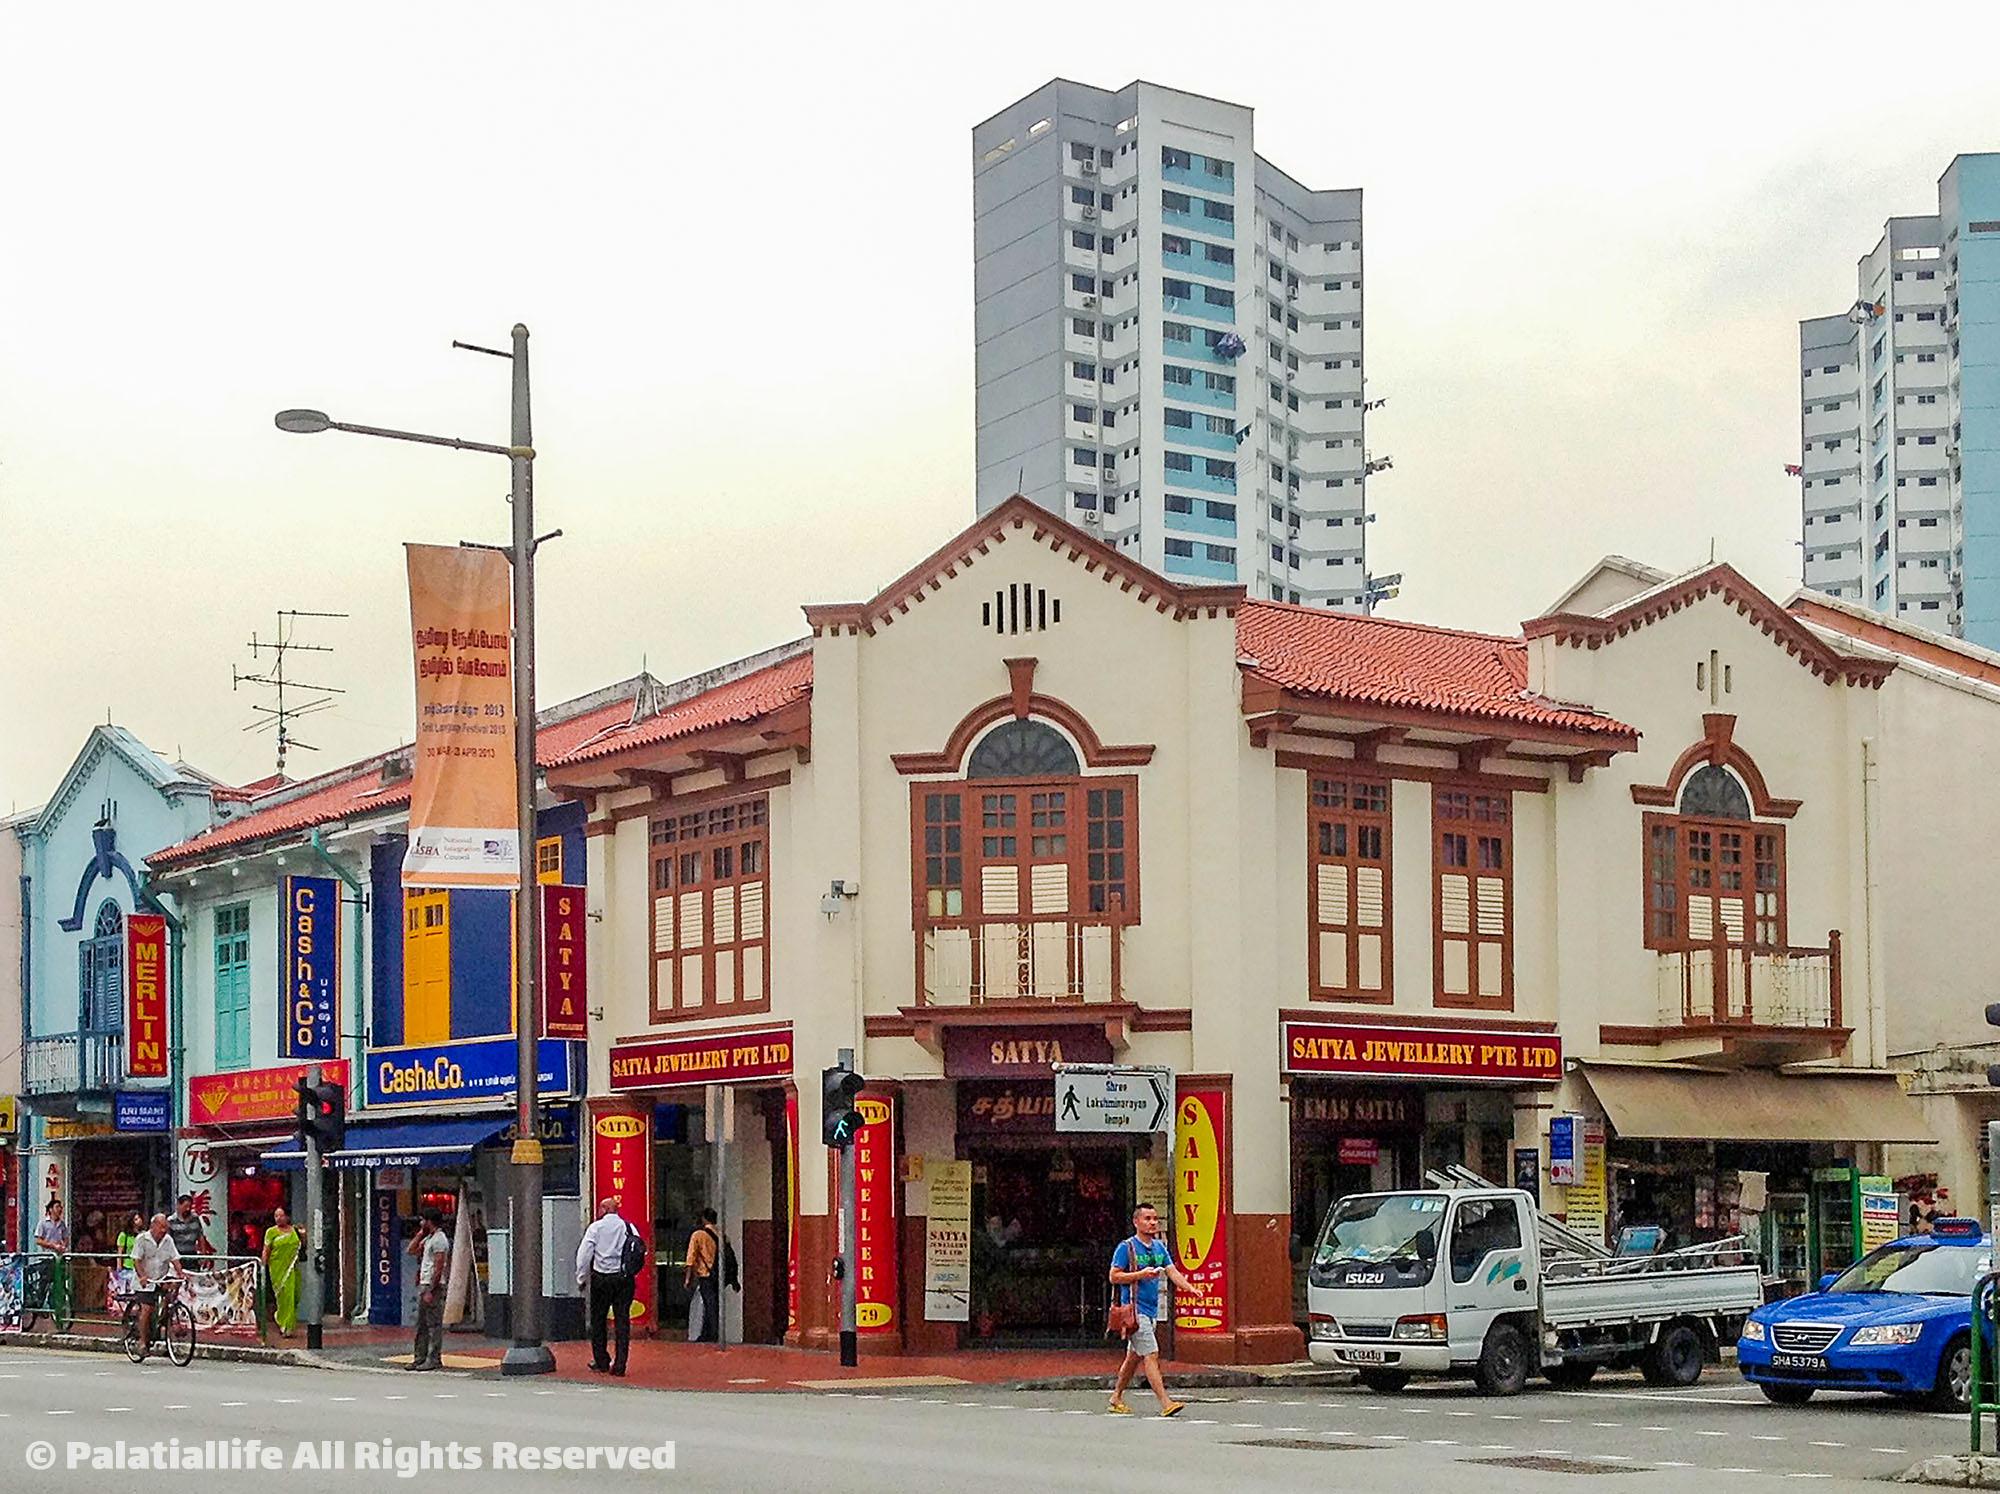 ย่านลิตเติ้ลอินเดีย Little India สิงคโปร์  สิงคโปร์ เที่ยวเตร็ดเตร่ไปตาม 5 ย่านยอดฮิตที่ไม่ควรพลาด IMG 3354